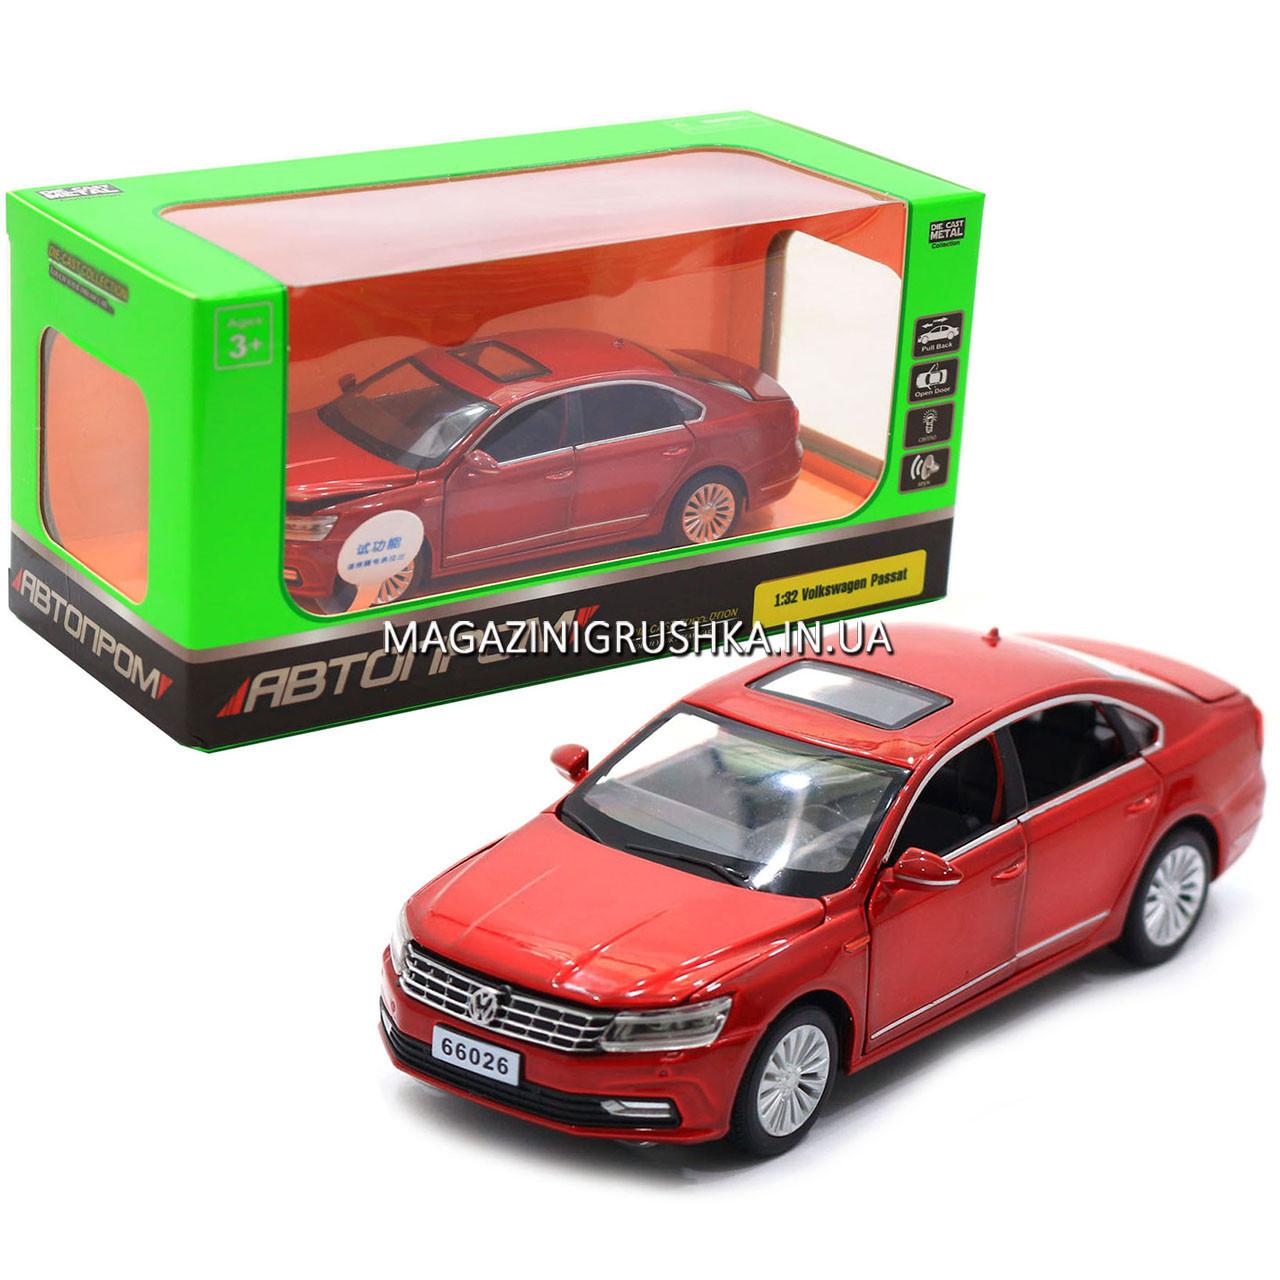 Машинка ігрова автопром «Volkswagen Passat», 14 см, світло, звук, двері відкриваються, червоний (6604)